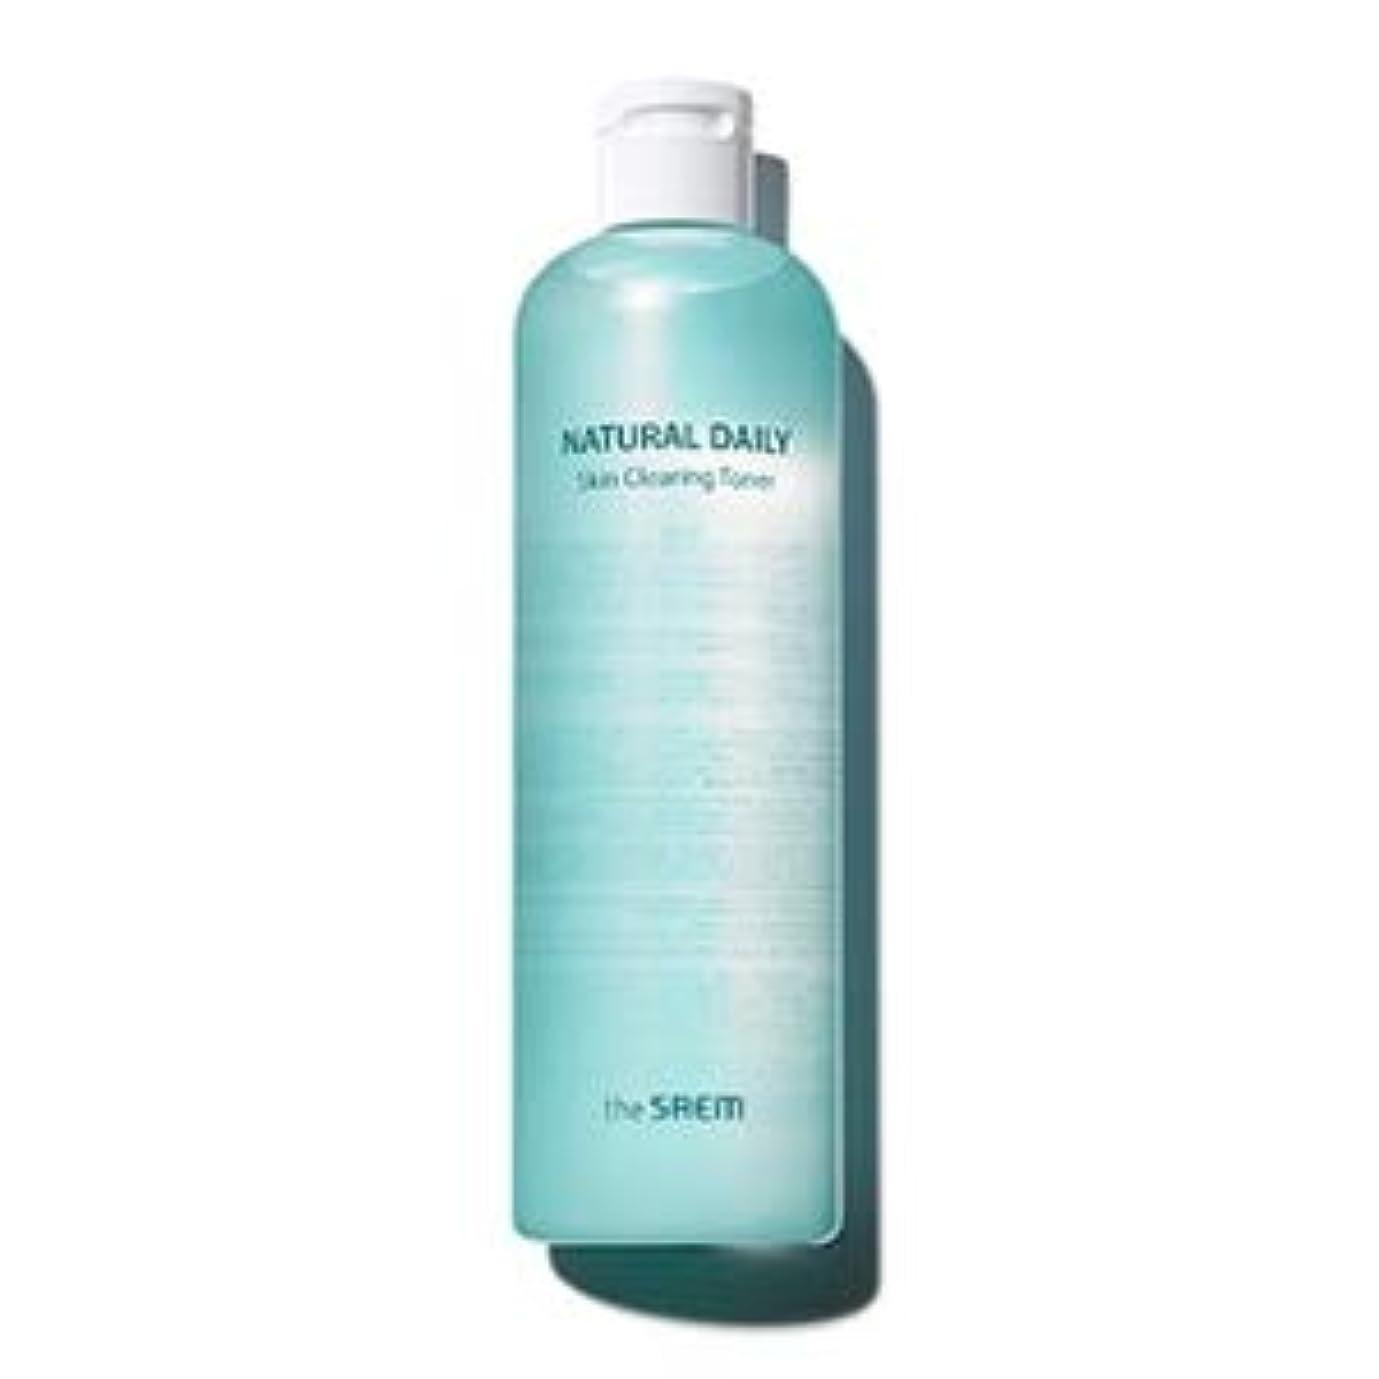 発掘発送仲介者ザセム ナチュラルデイリースキンクリアリングトナー500ml / The Saem Natural Daily Skin Clearing Toner 500ml [並行輸入品]